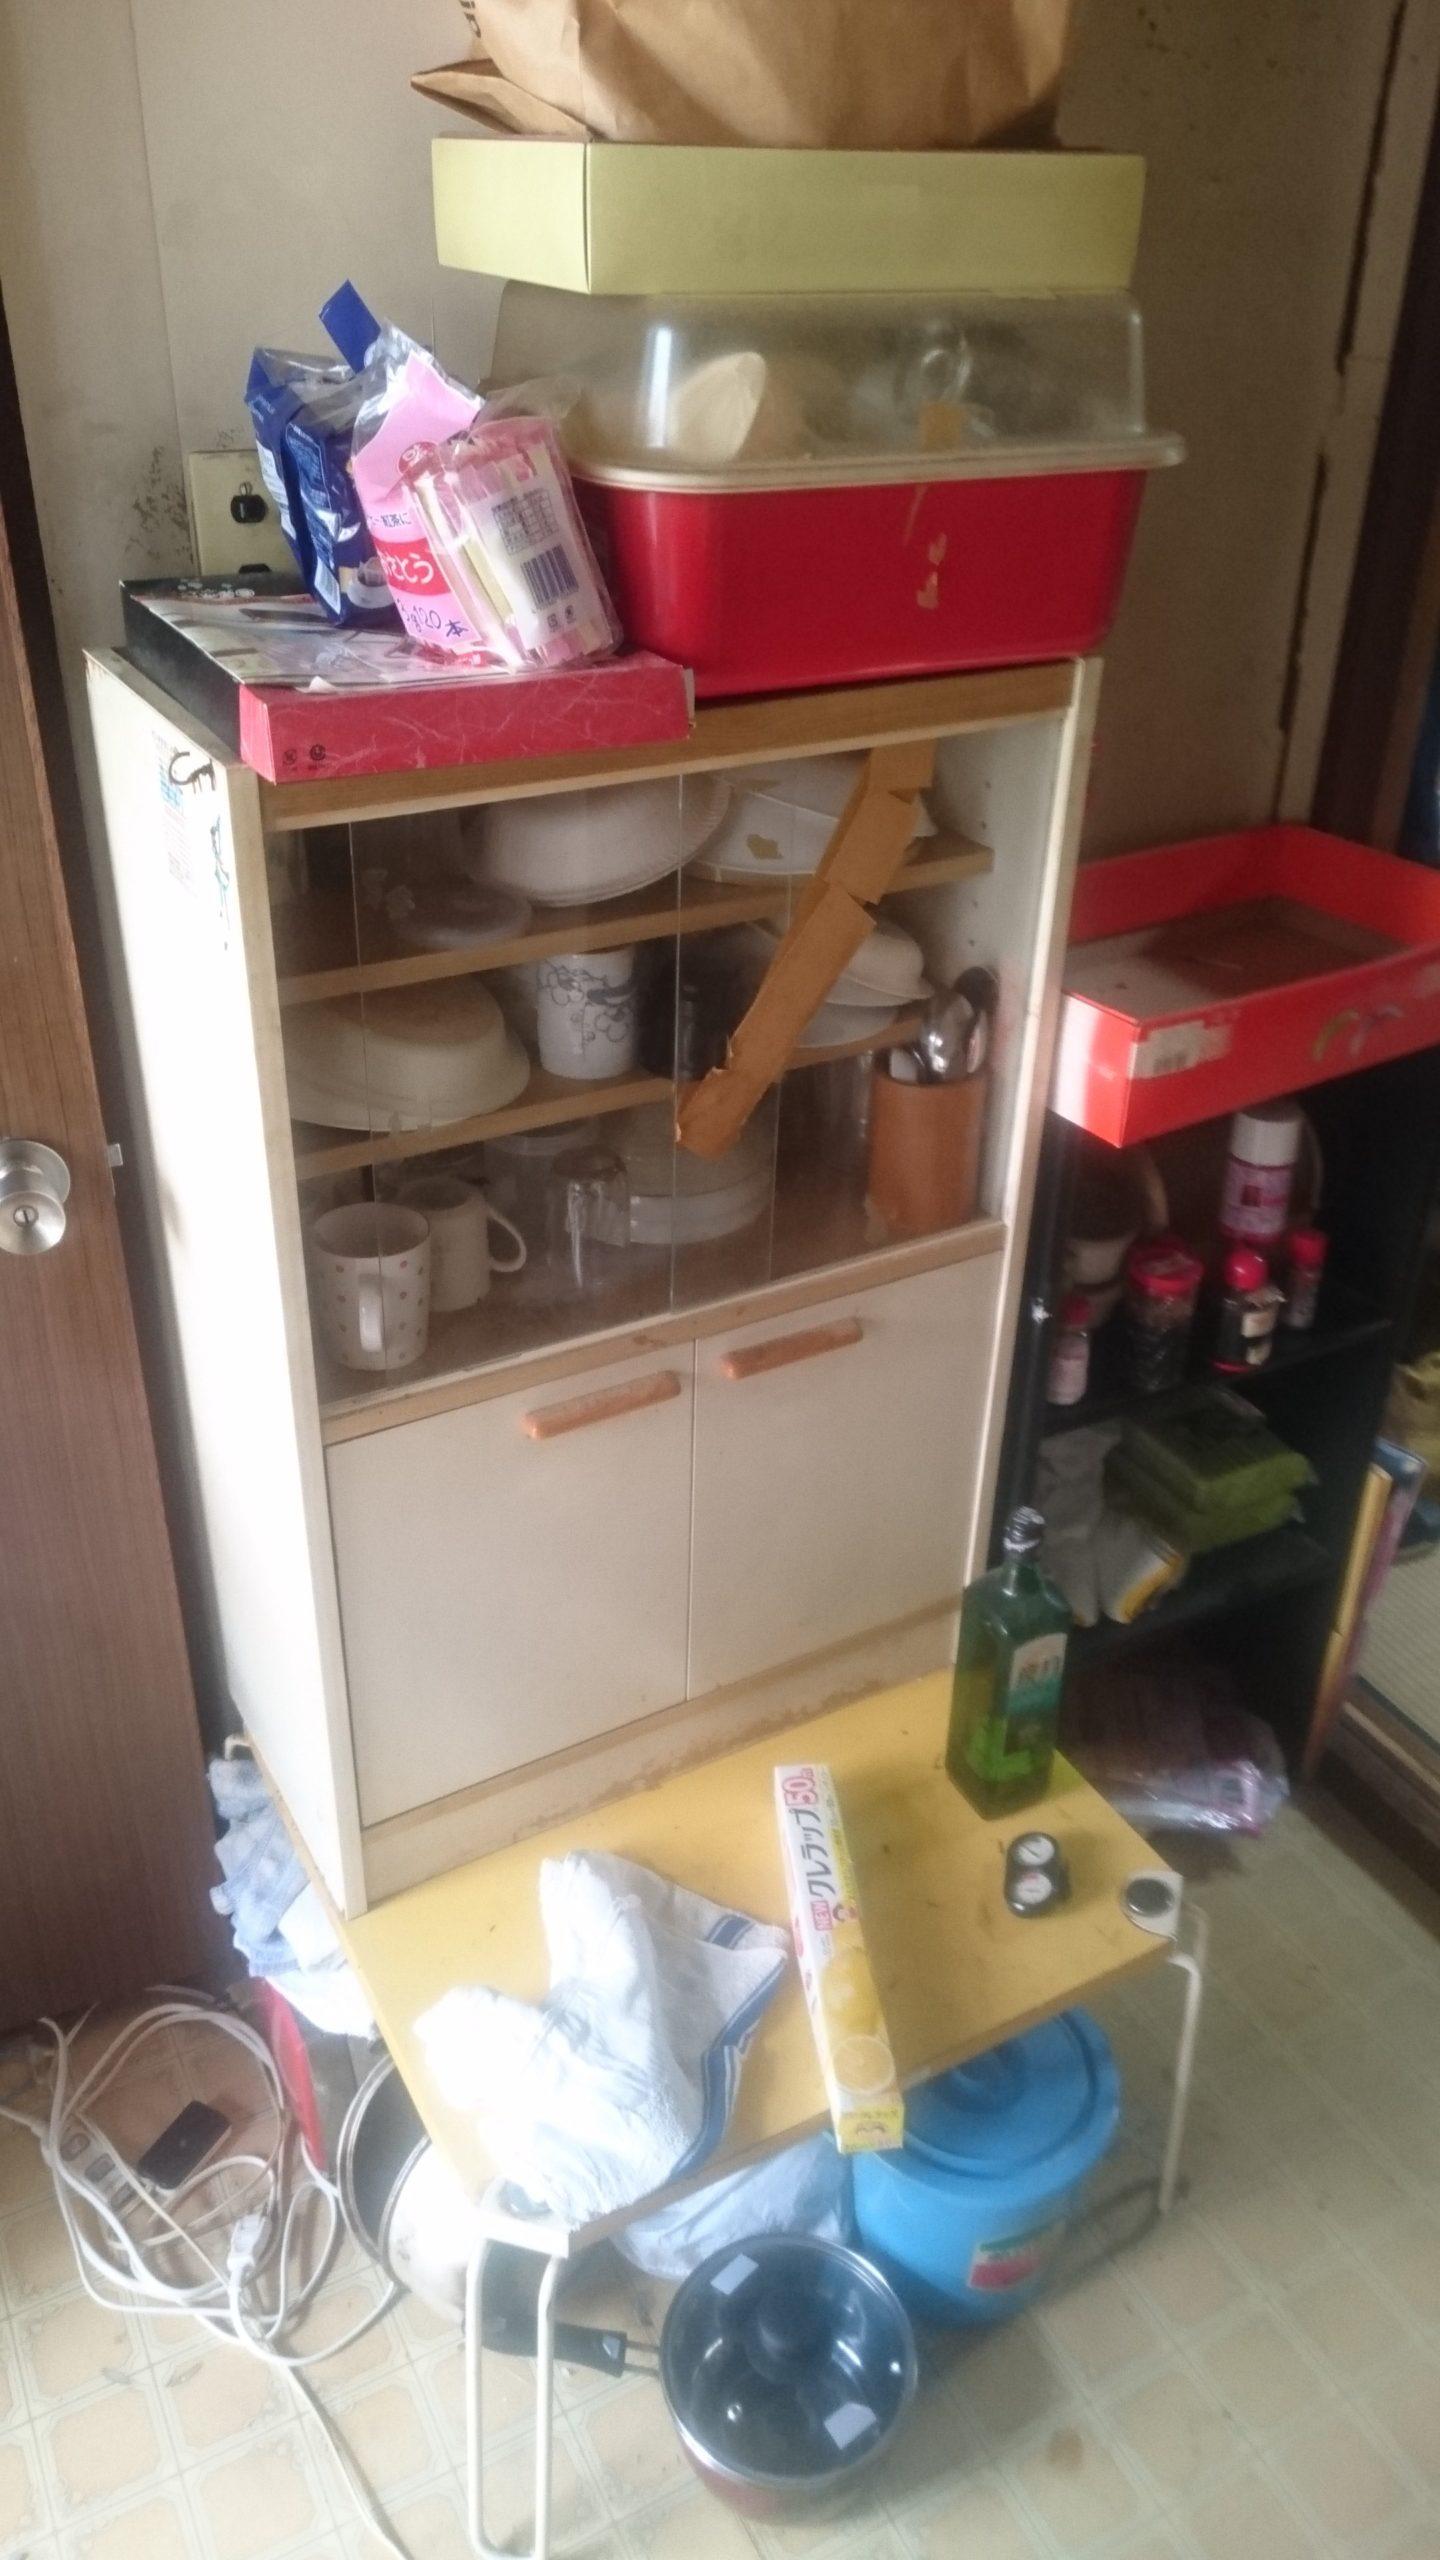 【愛知県名古屋市瑞穂区】小型食器棚と収納中の調理用品の一括回収